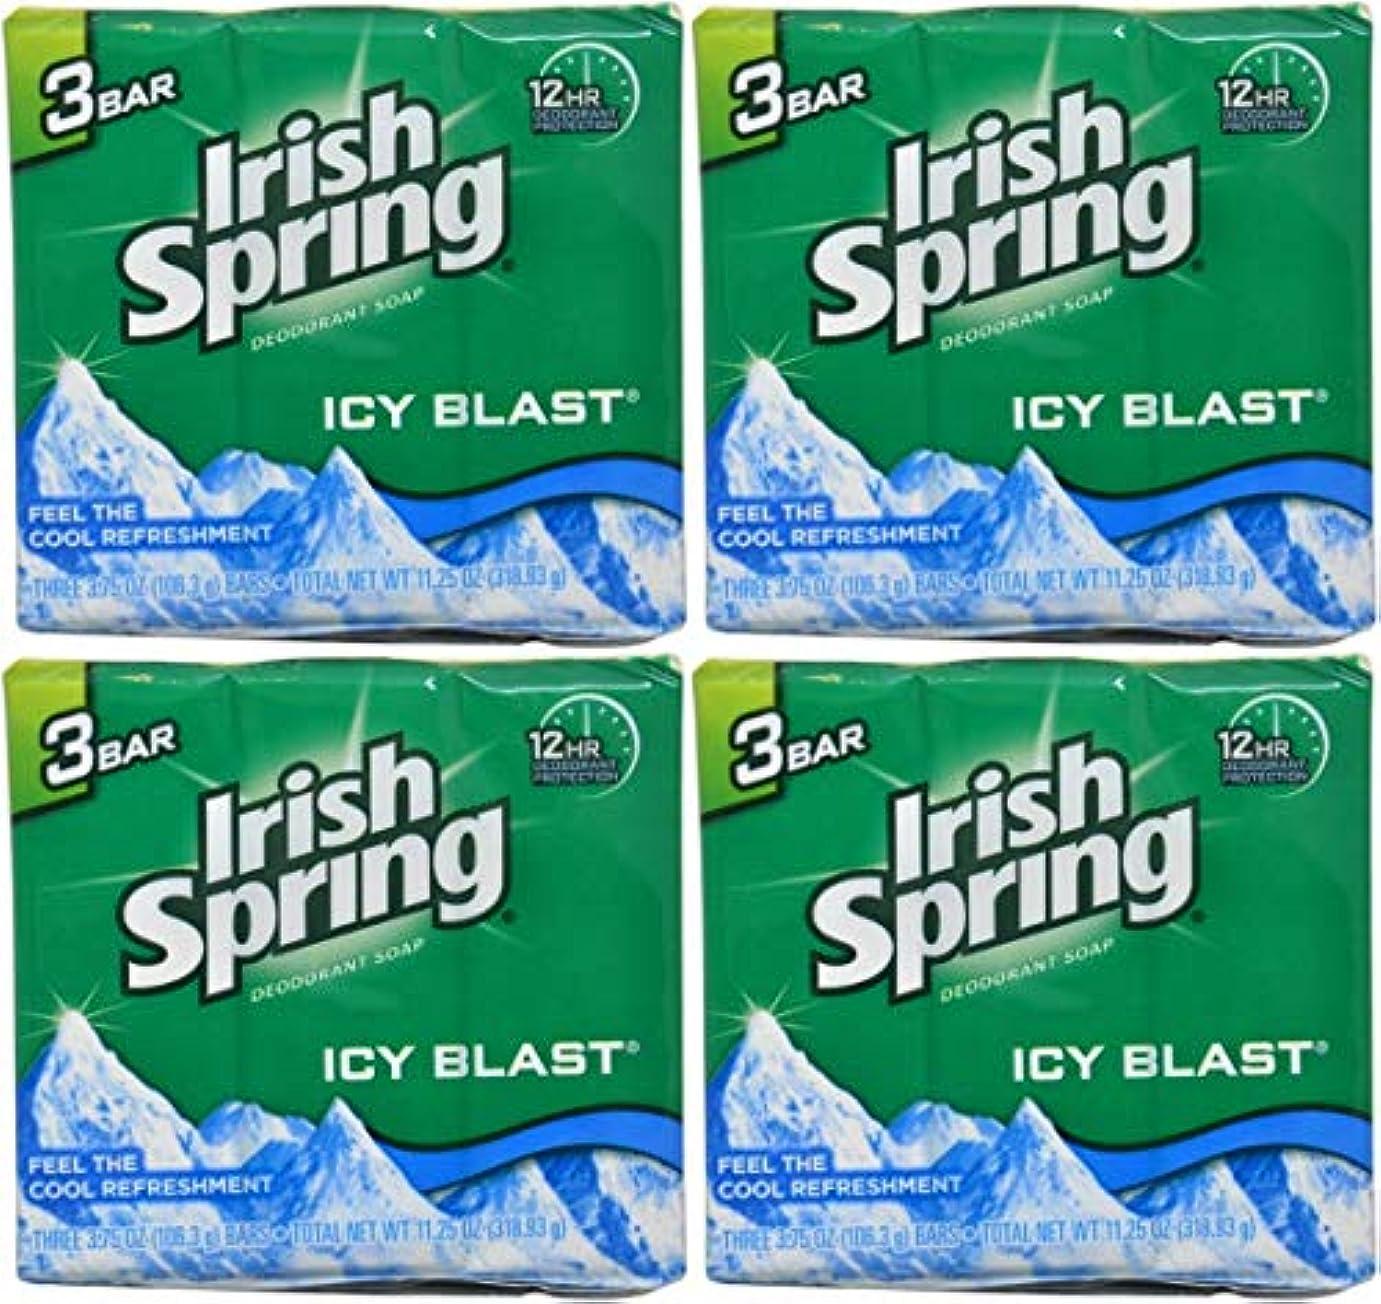 医療の安心海嶺Irish Spring バースバー、アイシーブラスト3.75オズ、3小節の12カウント4Pack